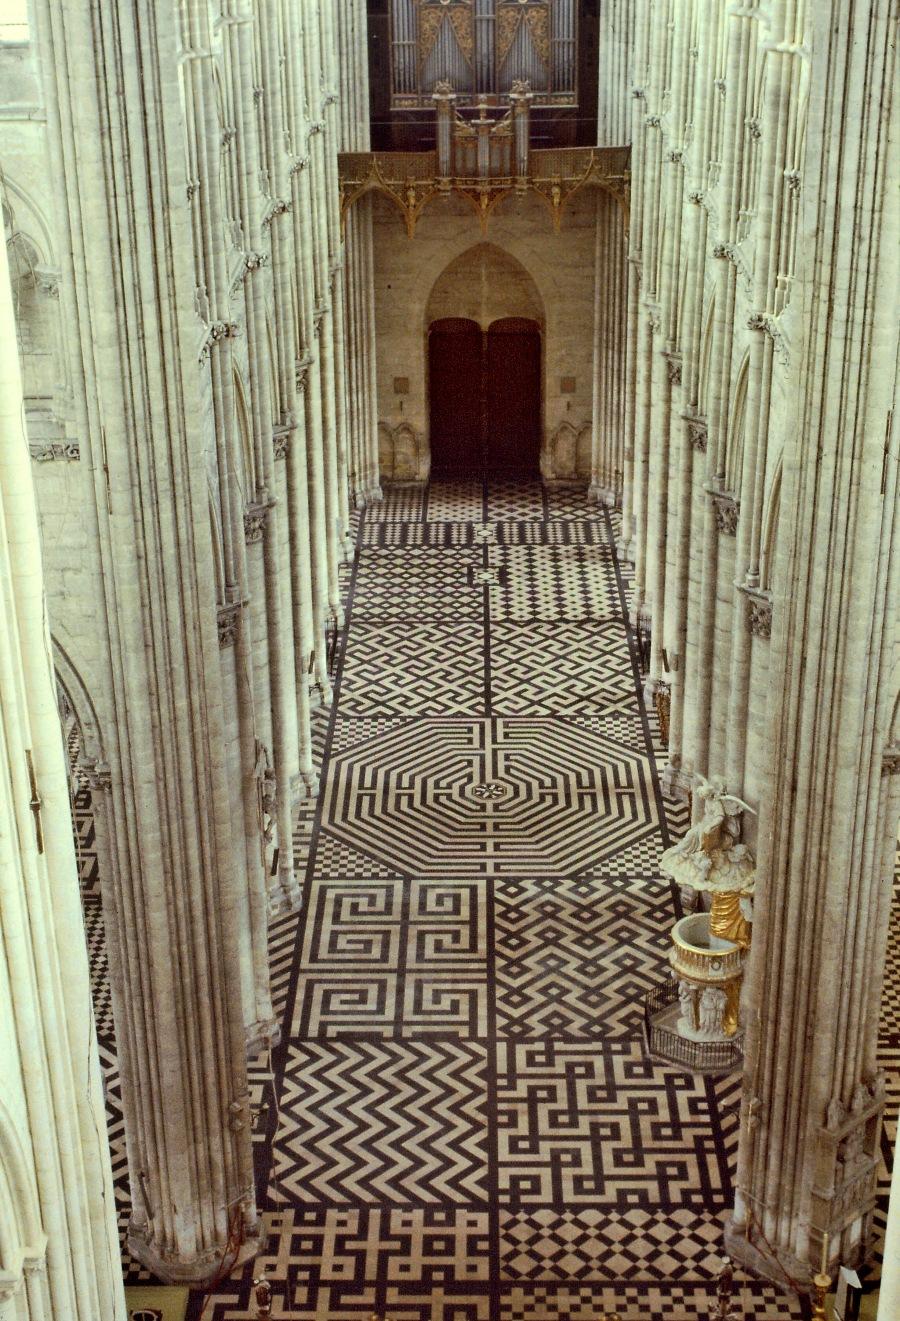 Laberinto de la catedral de Amiens, vista del cuerpo de luces